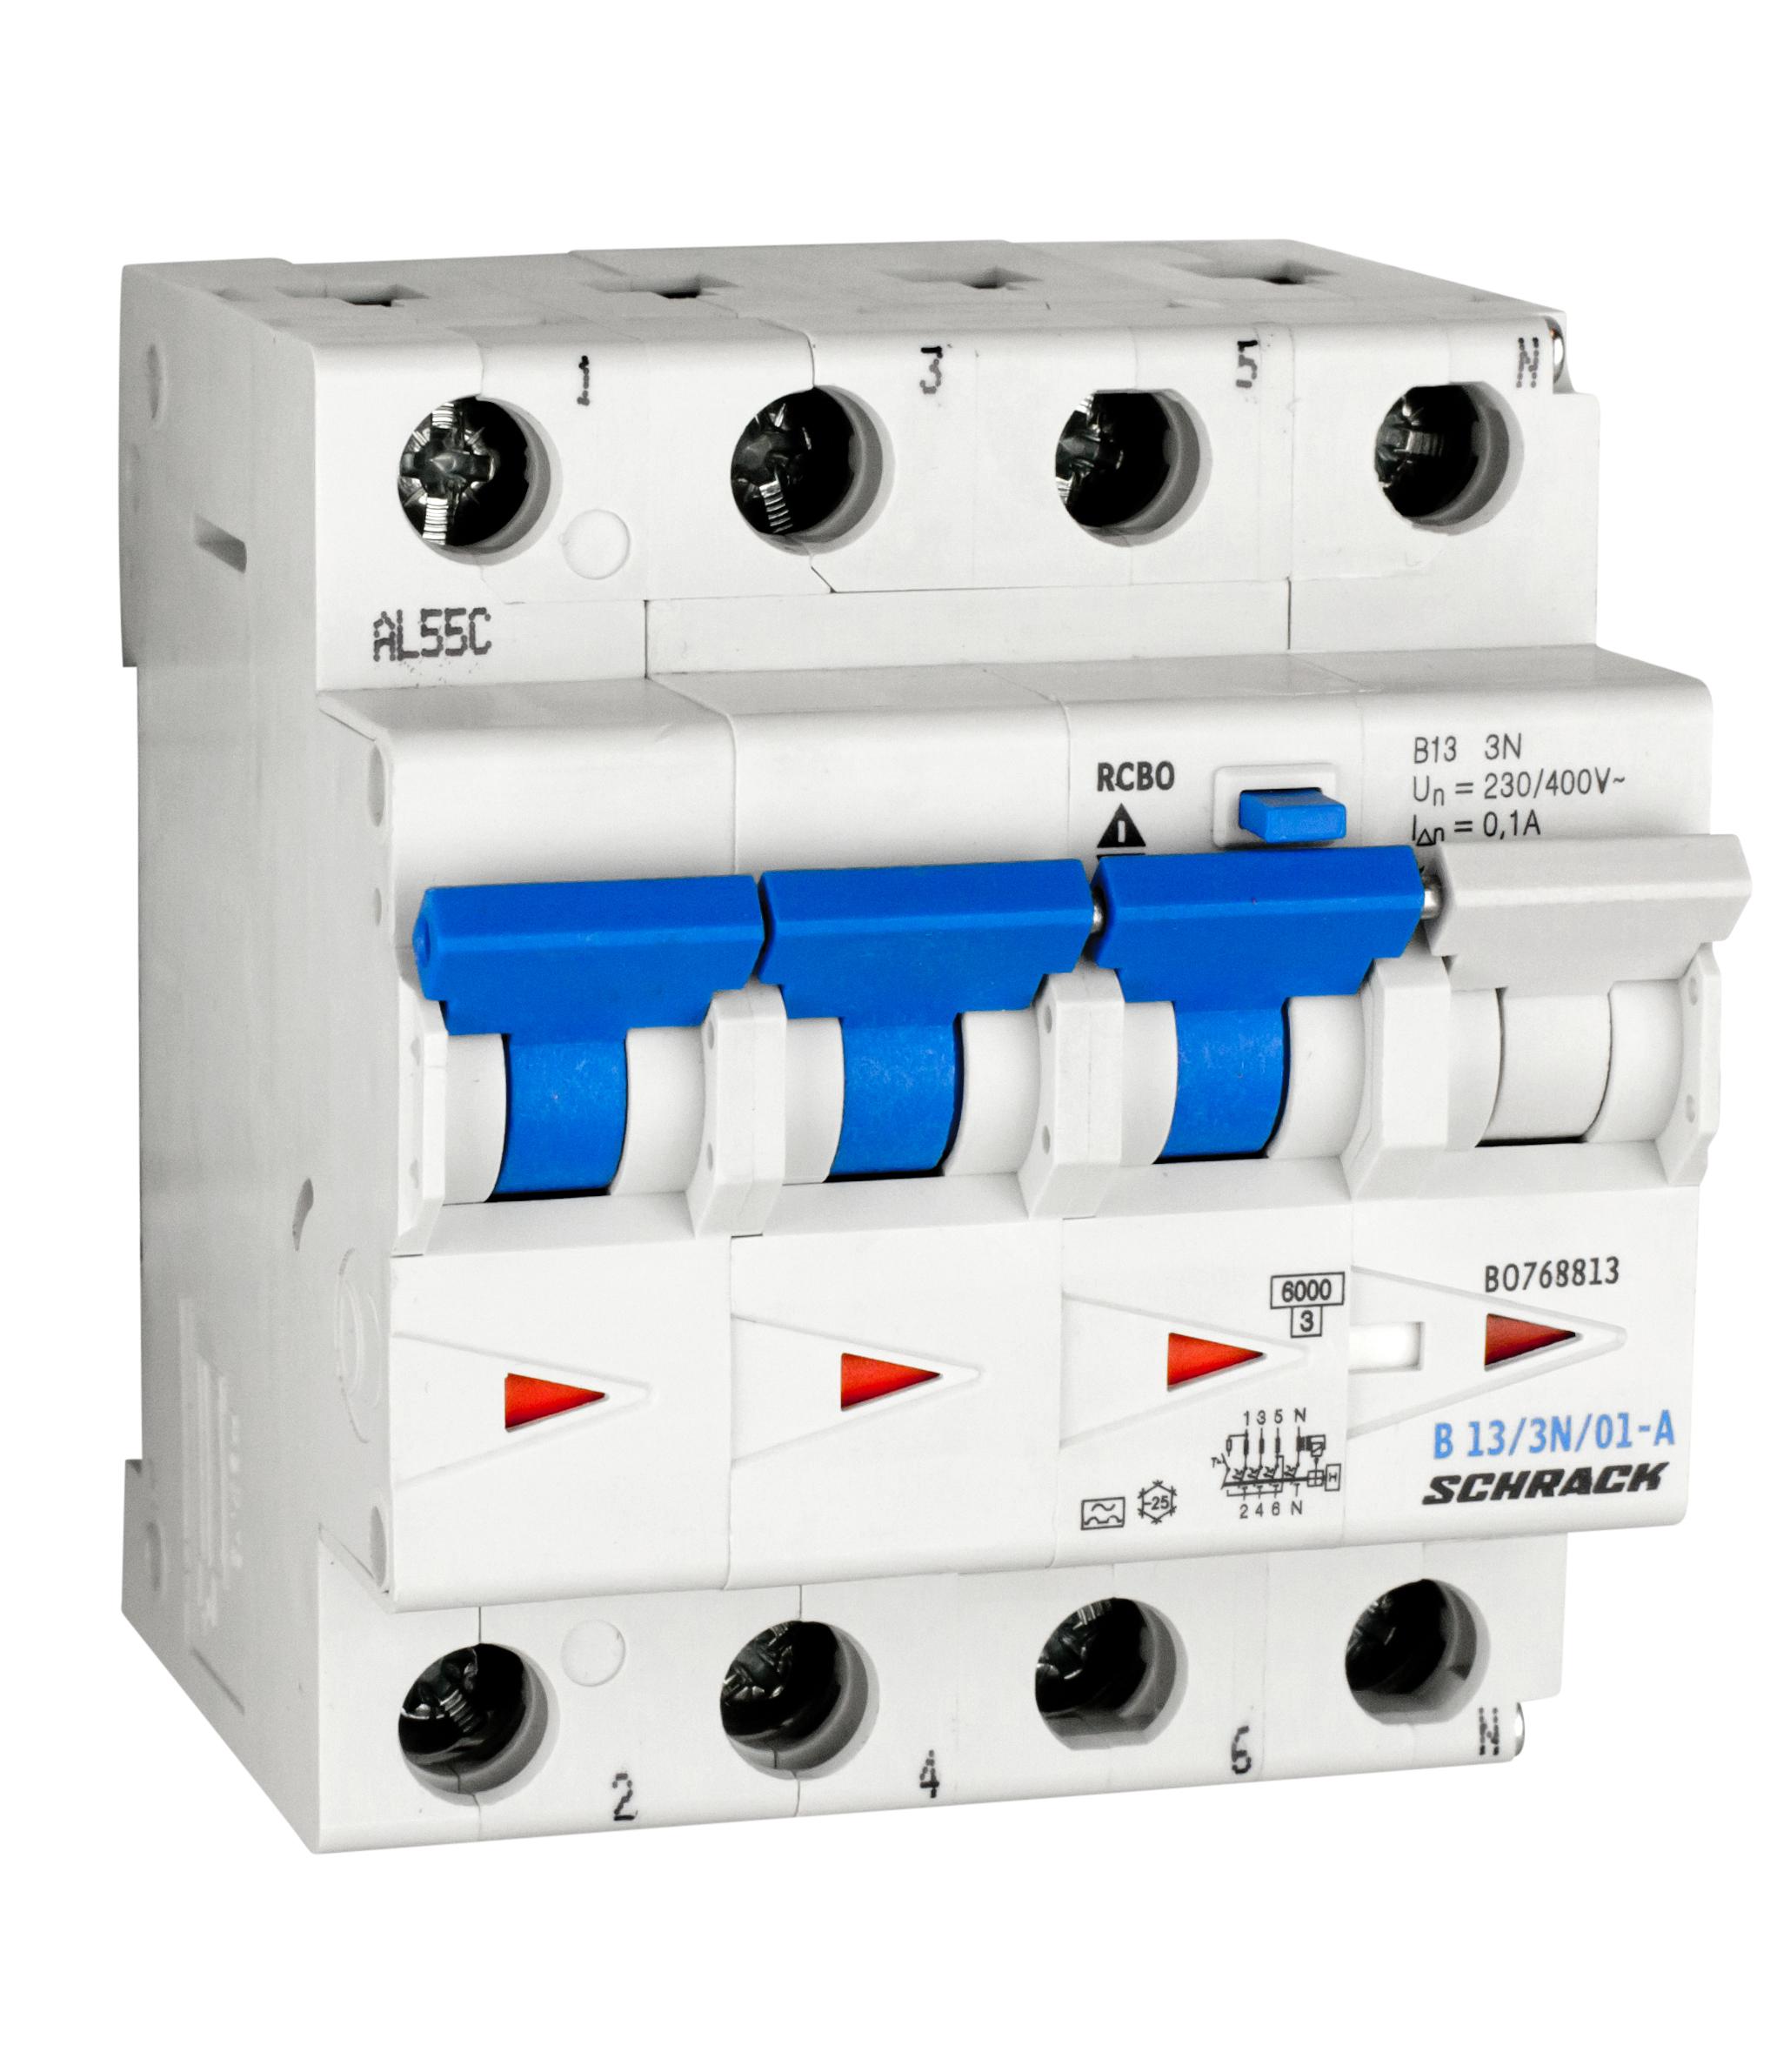 1 Stk LS-FI-Schalter, Kennlinie B, 13A, 100mA, 3-polig+N, Typ A BO768813--